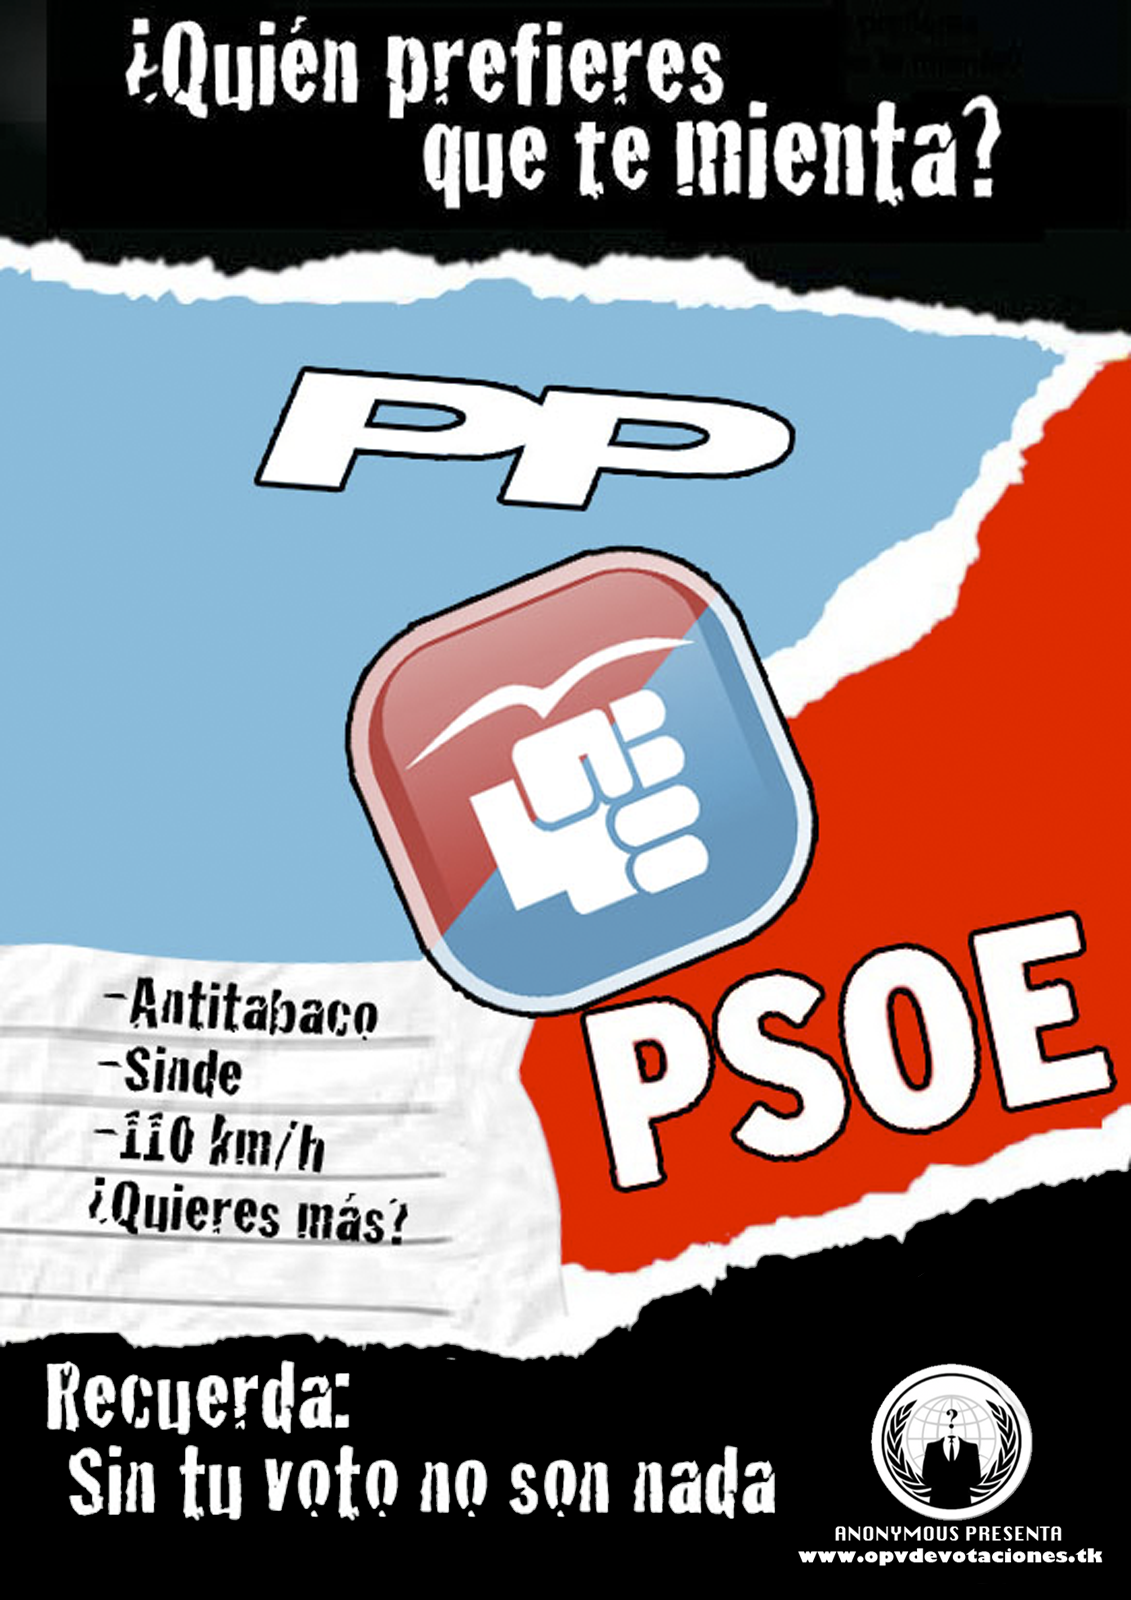 """Resolución de los CJC: Sobre la promesa electoral de Esperanza Aguirre de """"Bachillerato de Excelencia Pppsoe"""